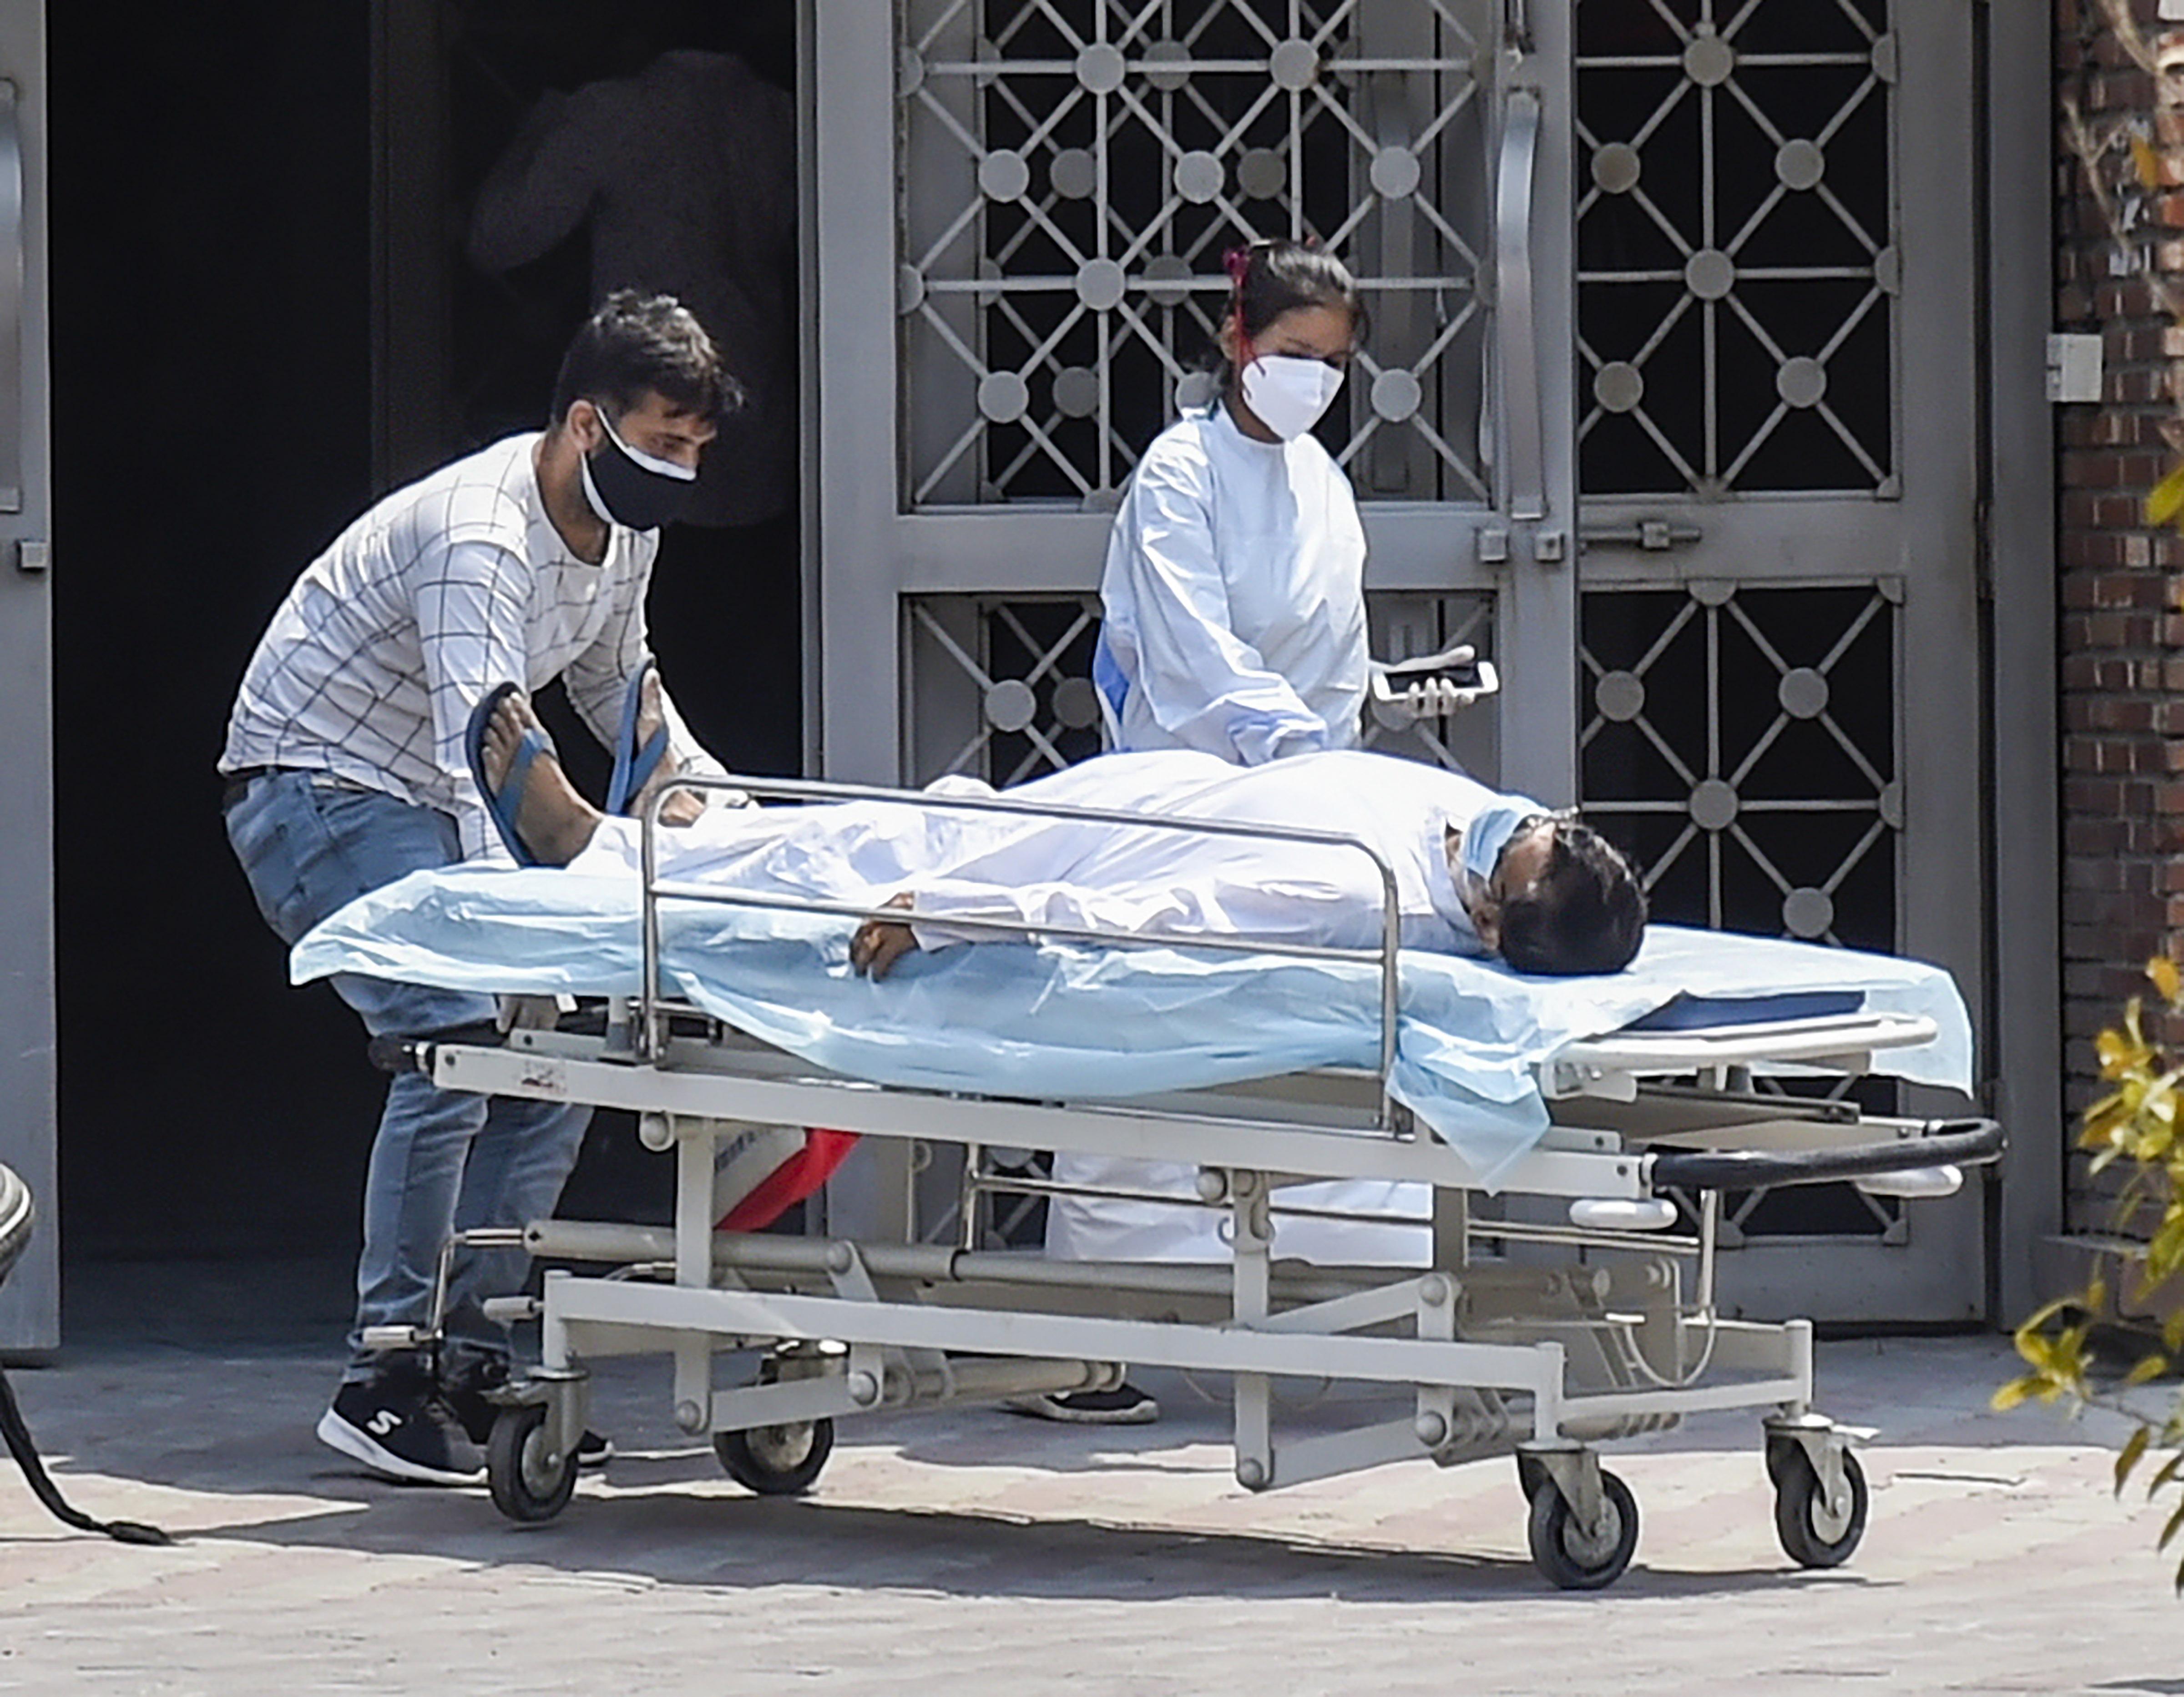 भारत में पिछले 14 दिनों से लगातार 3 लाख से ऊपर संक्रमित मिल रहे हैं। देश में अब तक 2 करोड़ से ज्यादा लोग इस महामारी का शिकार हो गए हैं।